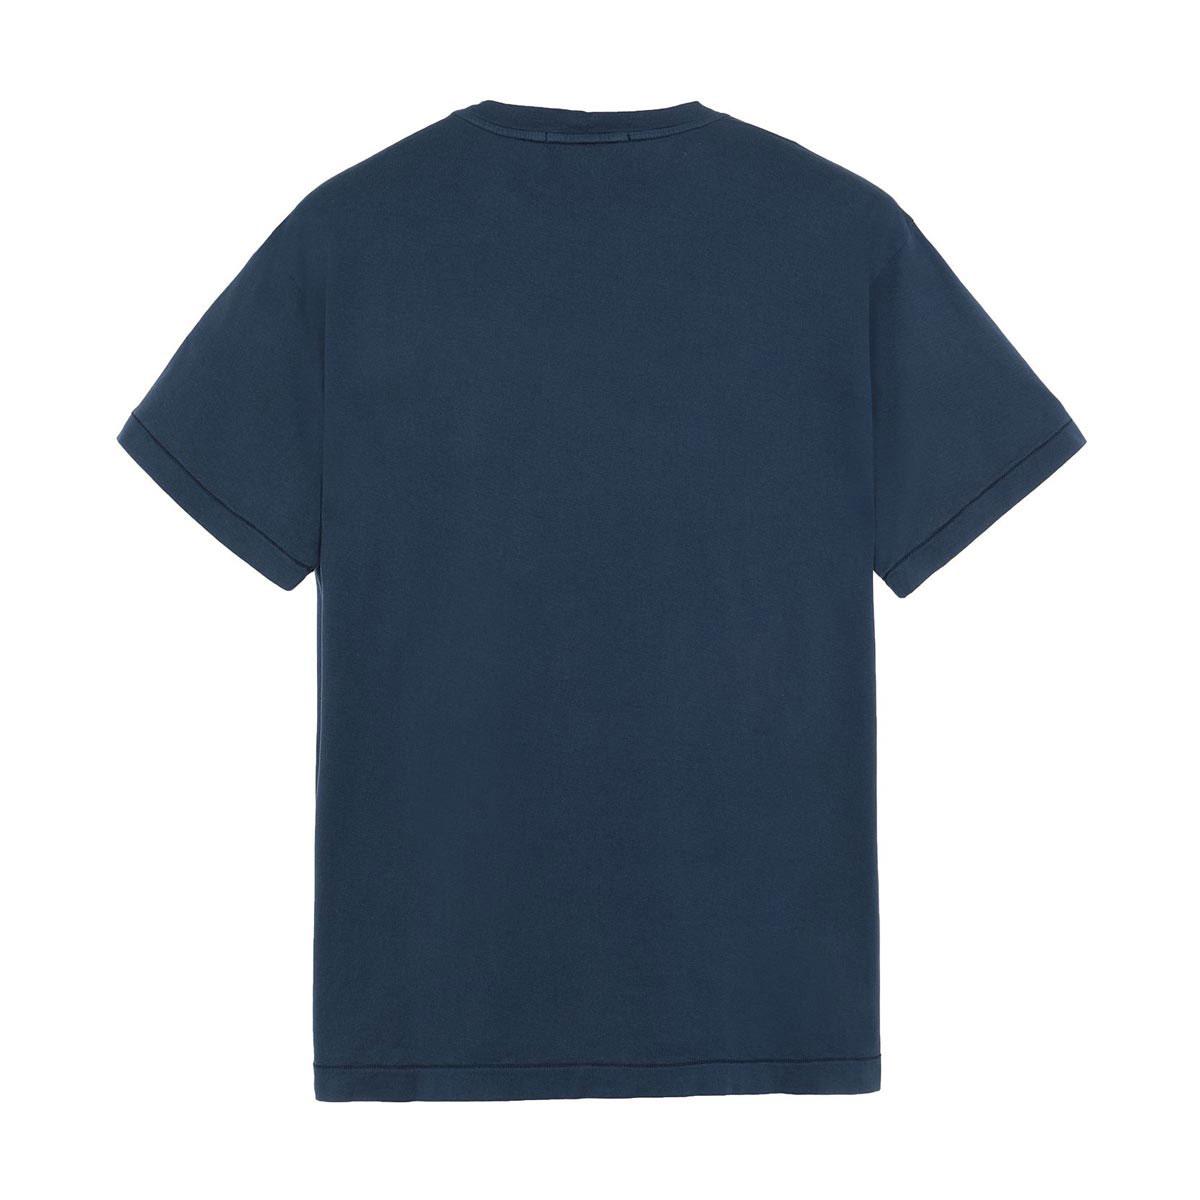 ストーンアイランド Tシャツ メンズ 正規品 STONE ISLAND 半袖Tシャツ T-SHIRT MARIN BLUE BLEU MARIN 24113 V0028 AB4B B1C C1D D1E E06F ホワイトデー 2021 ラッピング無料